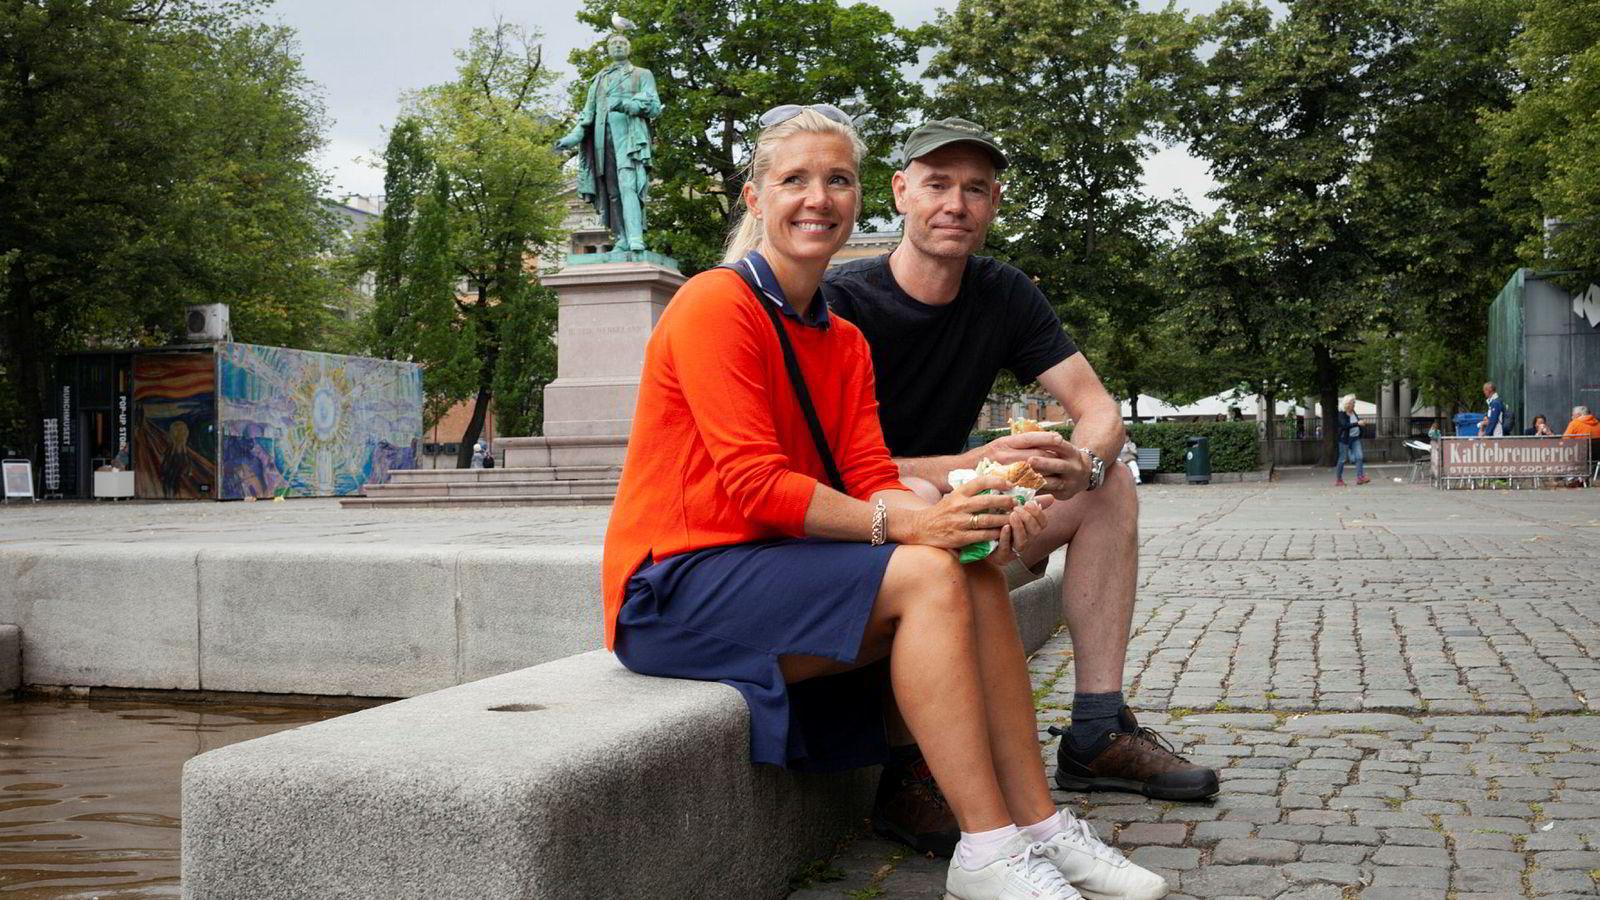 Stig Løset (49) og Line Lyng Løset (46) er ikke fornøyd med Nents oppkjøpsraid av vintersportsrettighetene. Foto: Knut Egil Wang